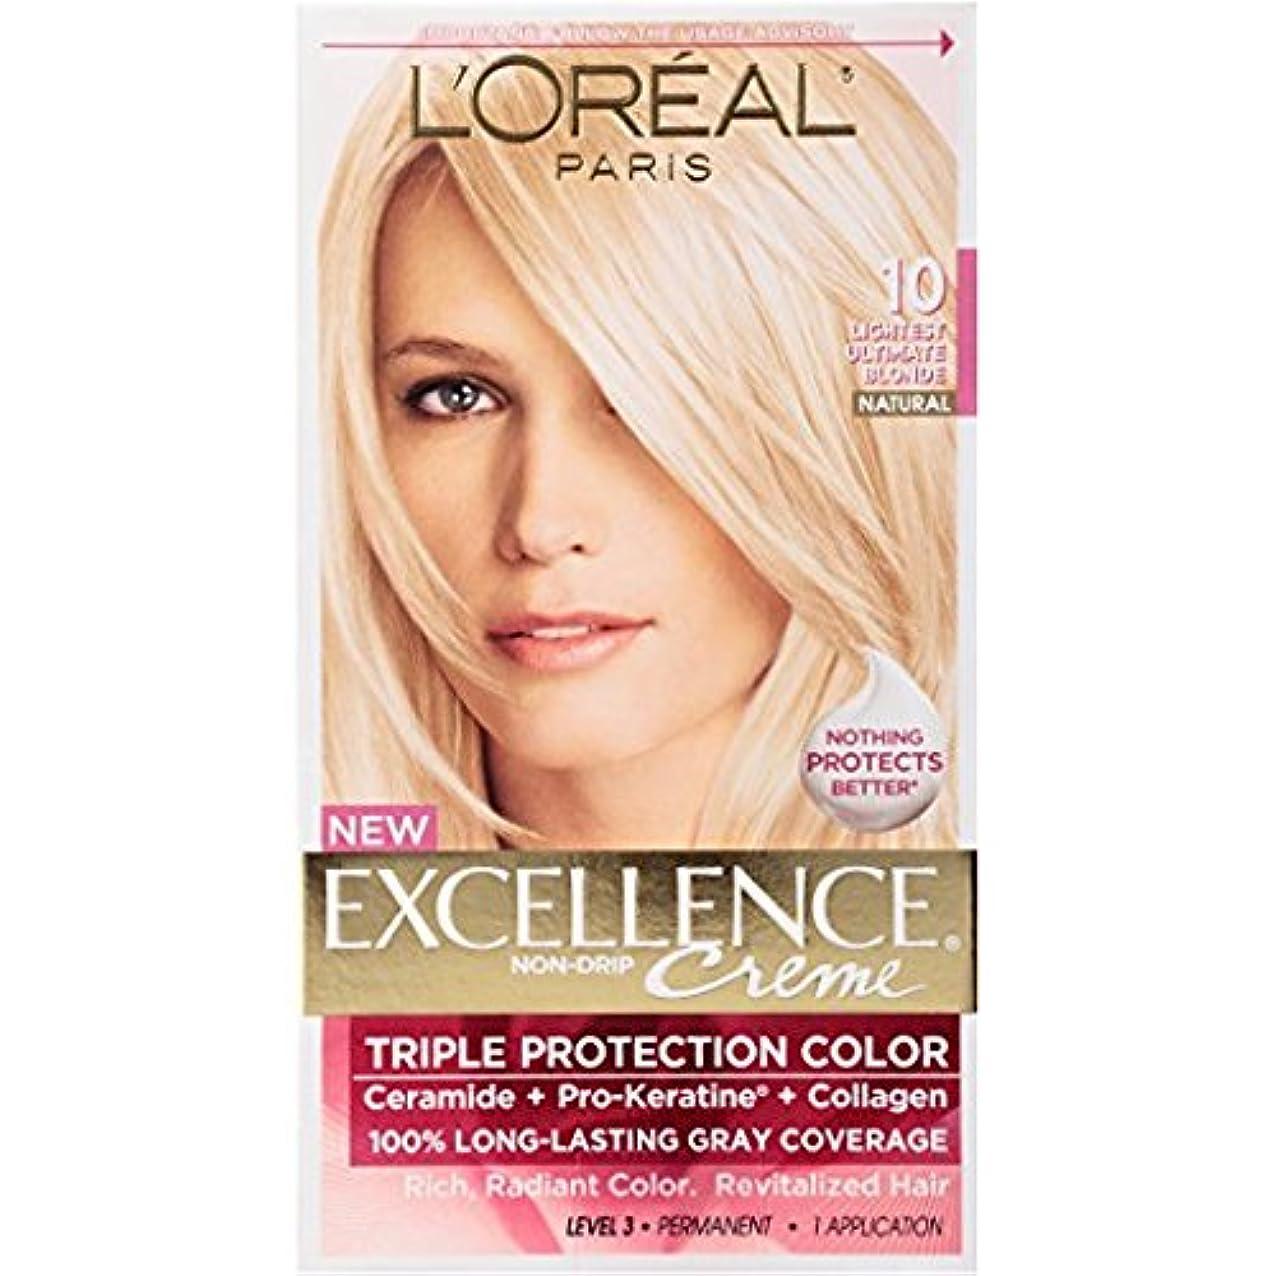 タイプ事うつロレアル L'Oreal Paris Excellence Creme Pro - Keratine 10 Light Ultimate Blonde ブロンド ヘアダイ [並行輸入品]